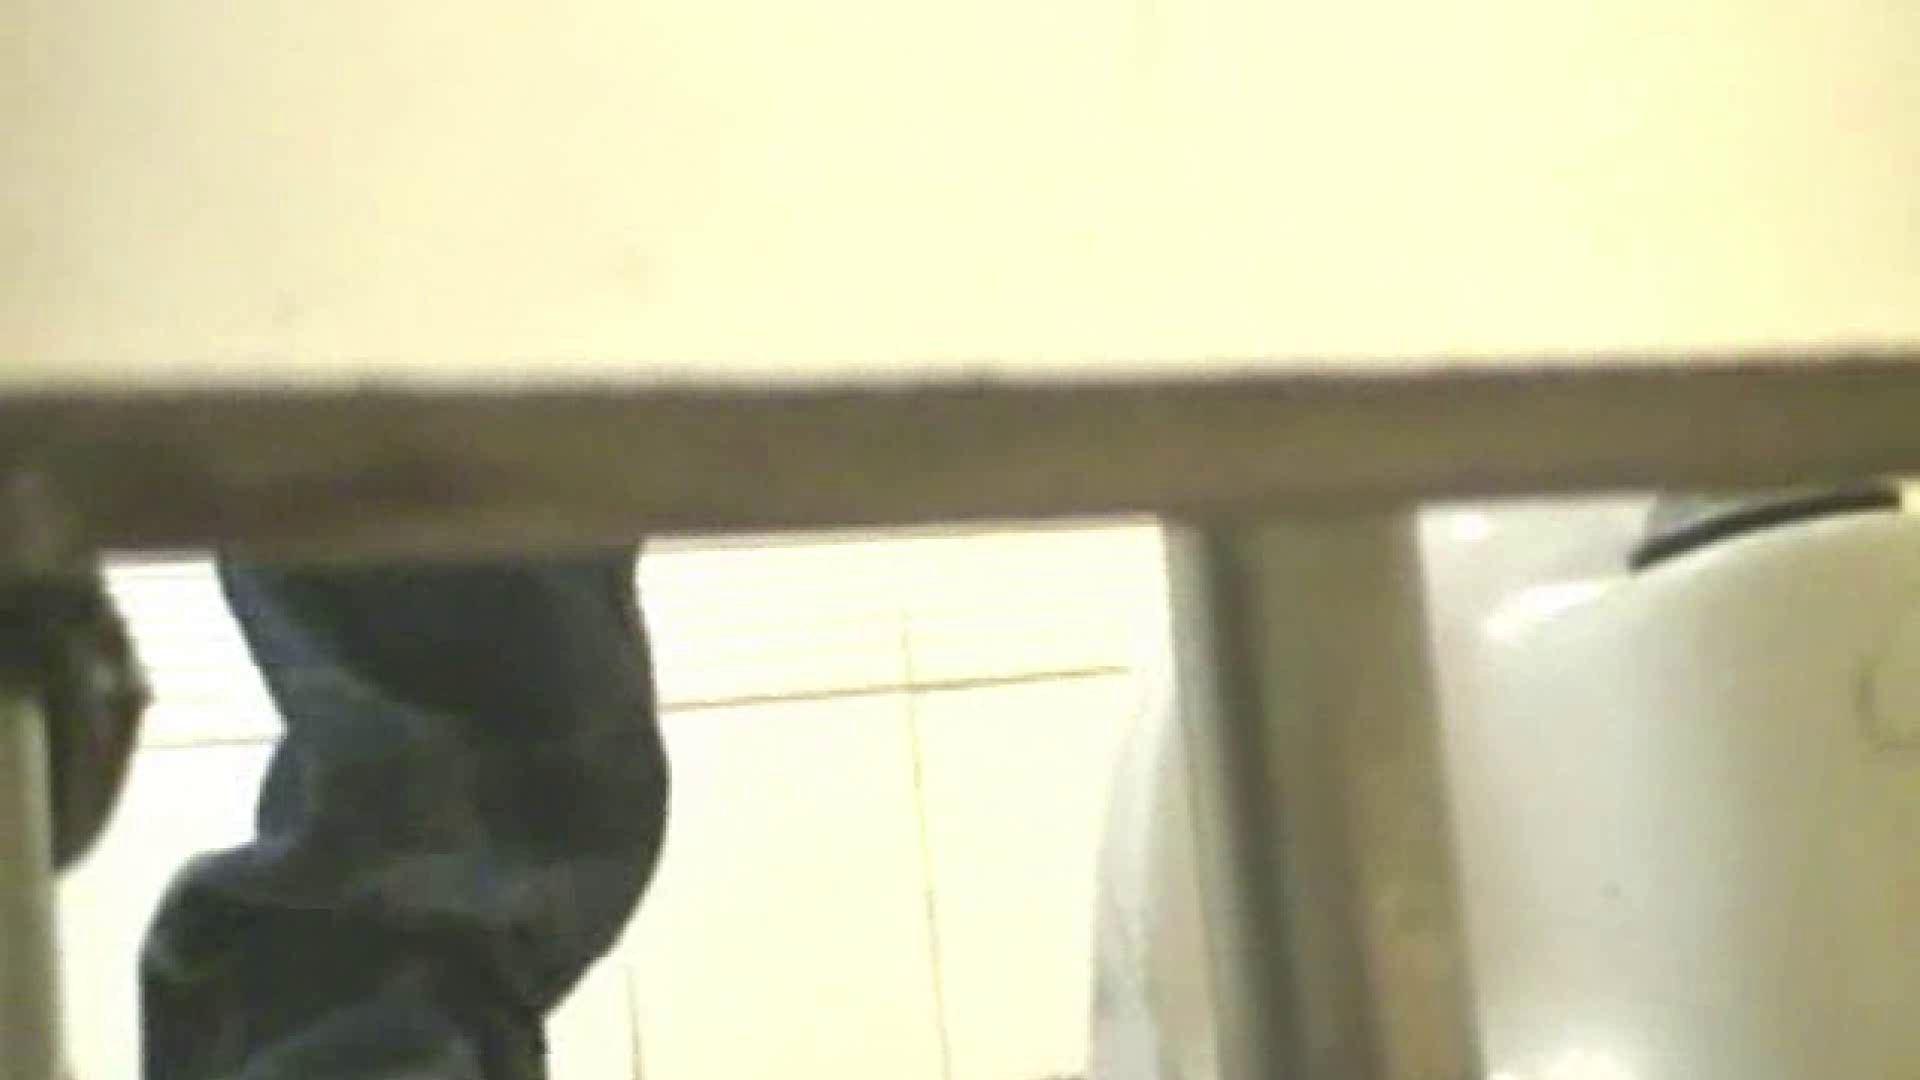 ロックハンドさんの盗撮記録File.50 マンコ・ムレムレ スケベ動画紹介 92pic 27